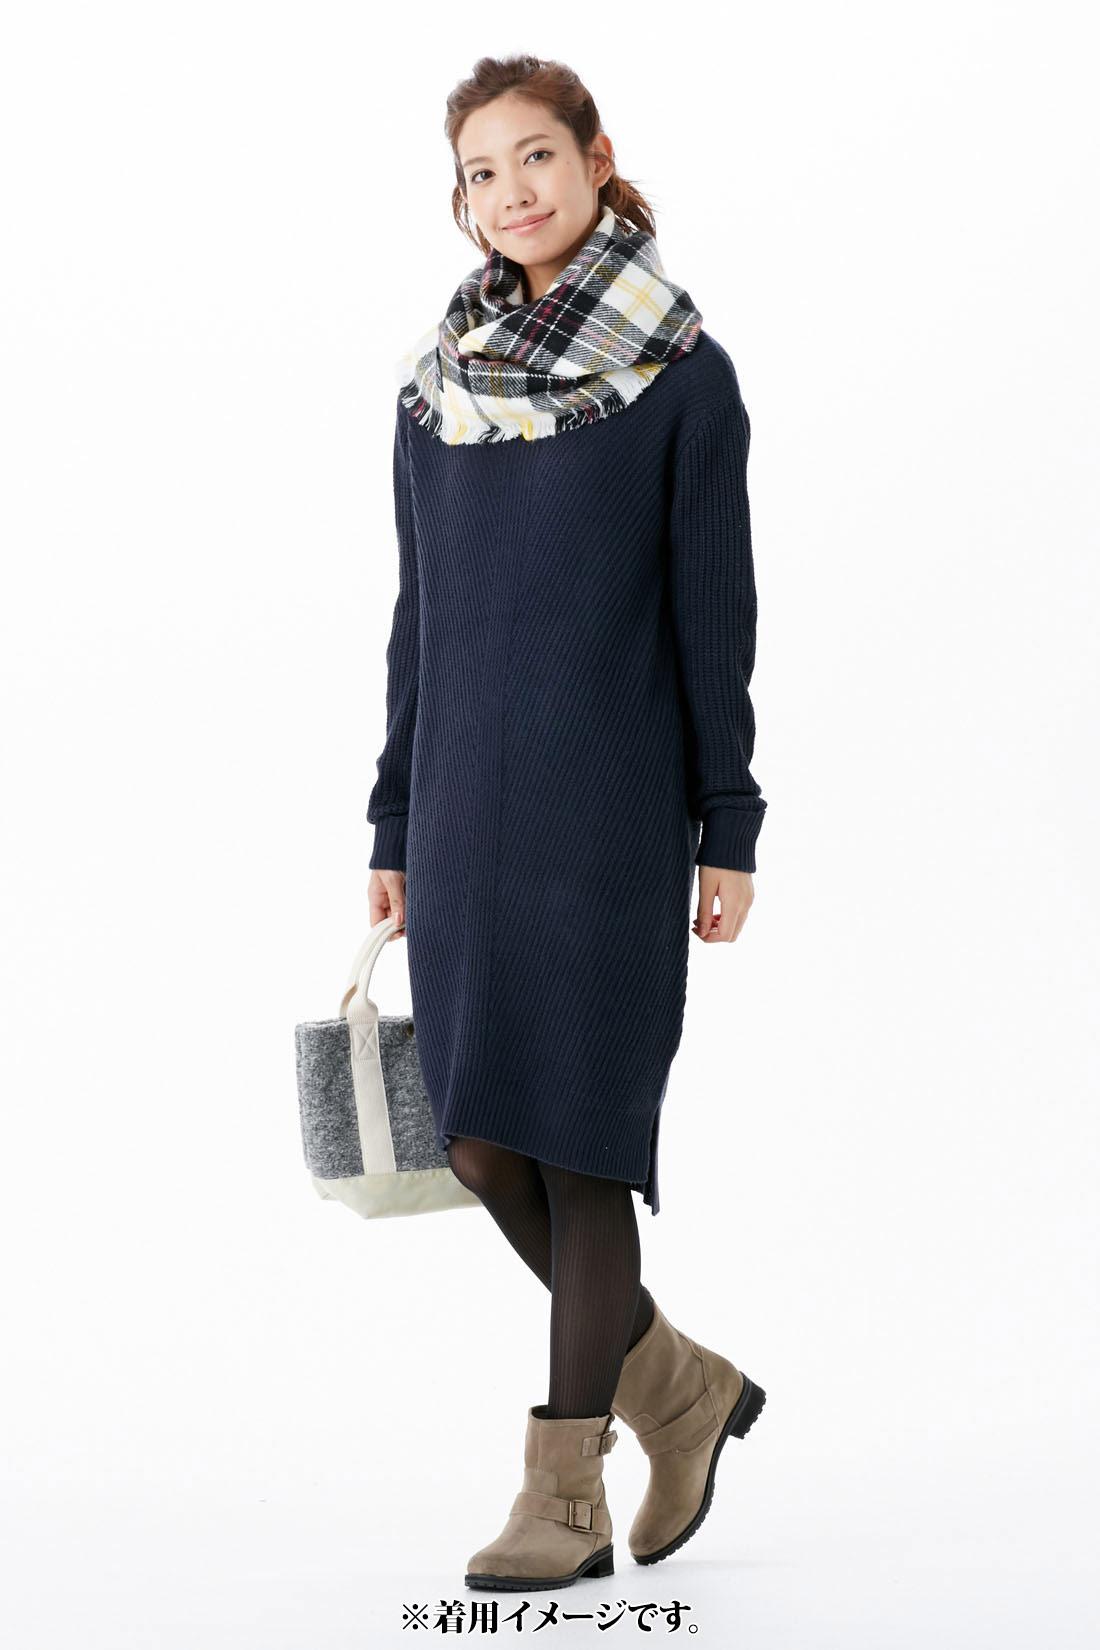 シックな【ネイビー】 袖口は折り返し仕様で、メリハリ感をプラス。 縦目線を作る編み地で、着るだけでほっそり見えます。